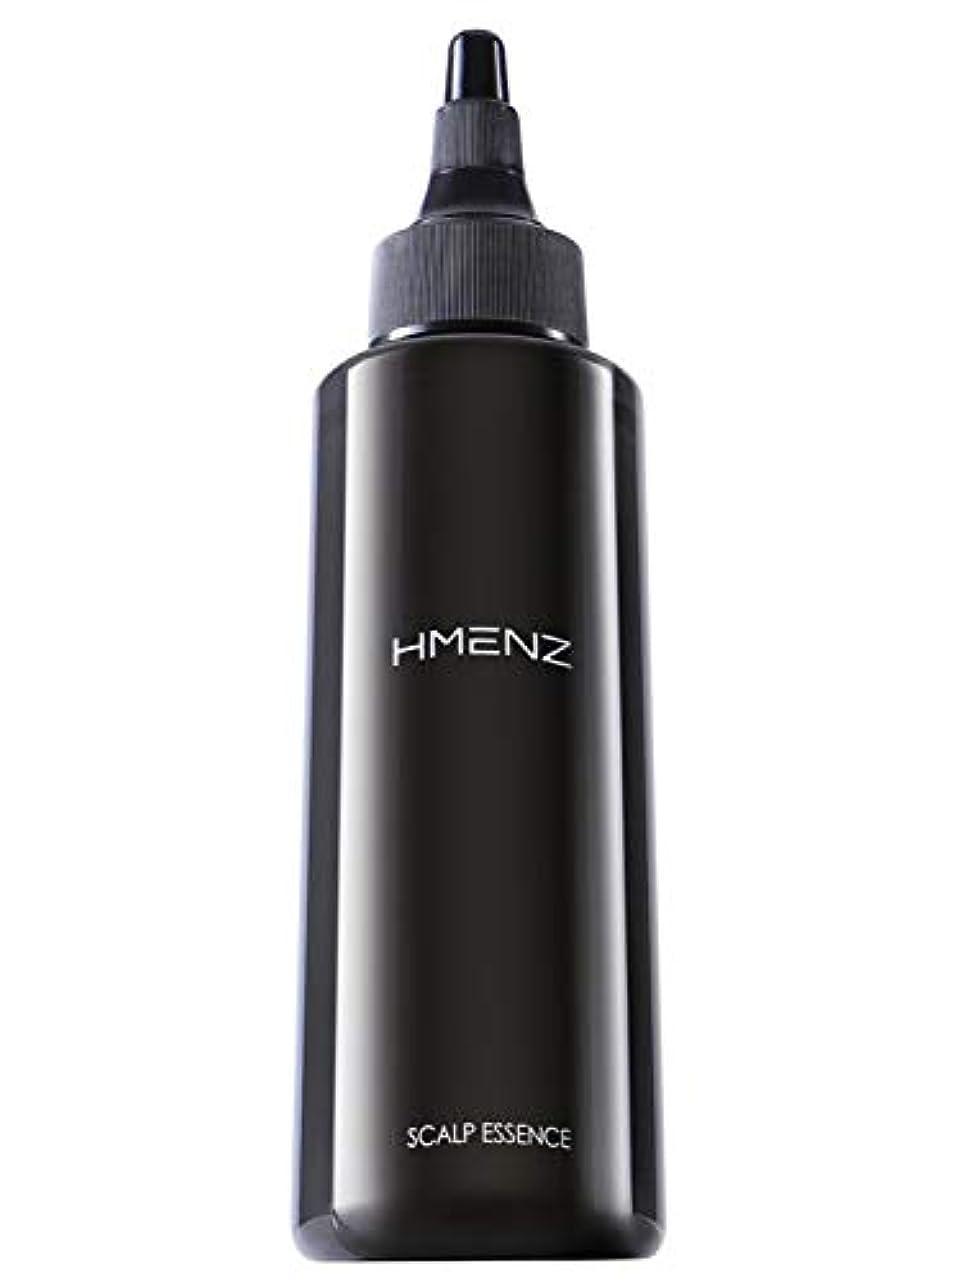 開発尽きる兄医薬部外品 HMENZ メンズ 育毛剤 スカルプエッセンス 毛髪エイジングケアシリーズ 和漢根 海藻配合 育毛トニック 120ml